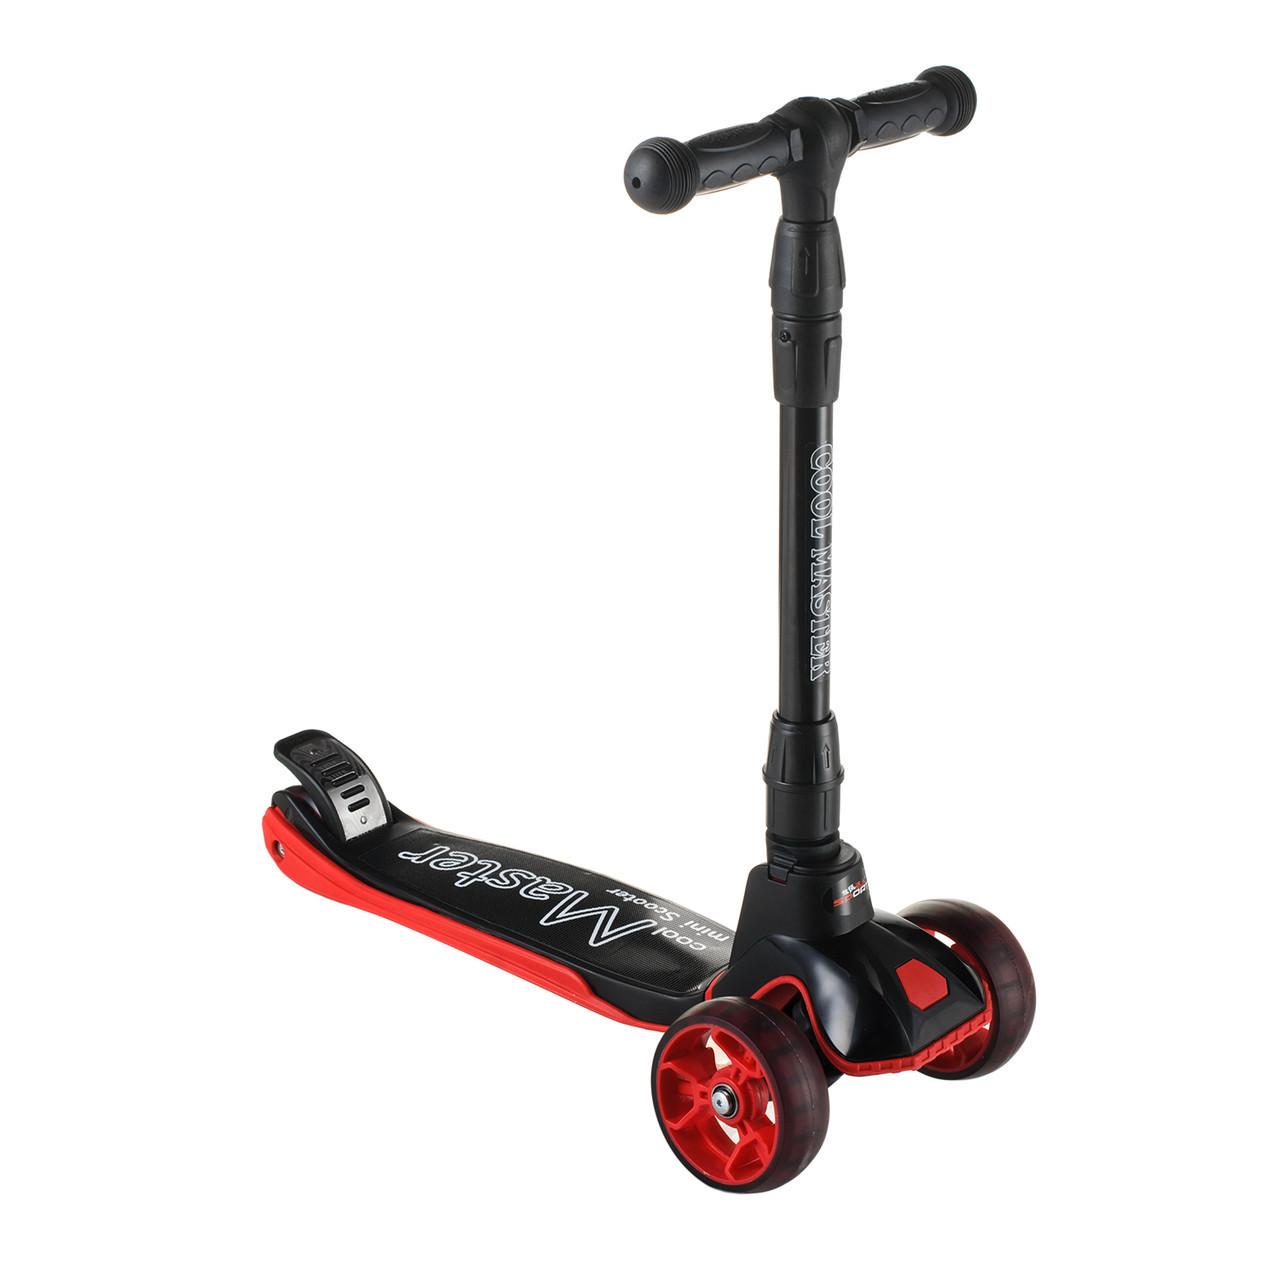 Самокат со светящимися PU колесами четырехколесный Scooter для детей от 3 лет со складным рулем